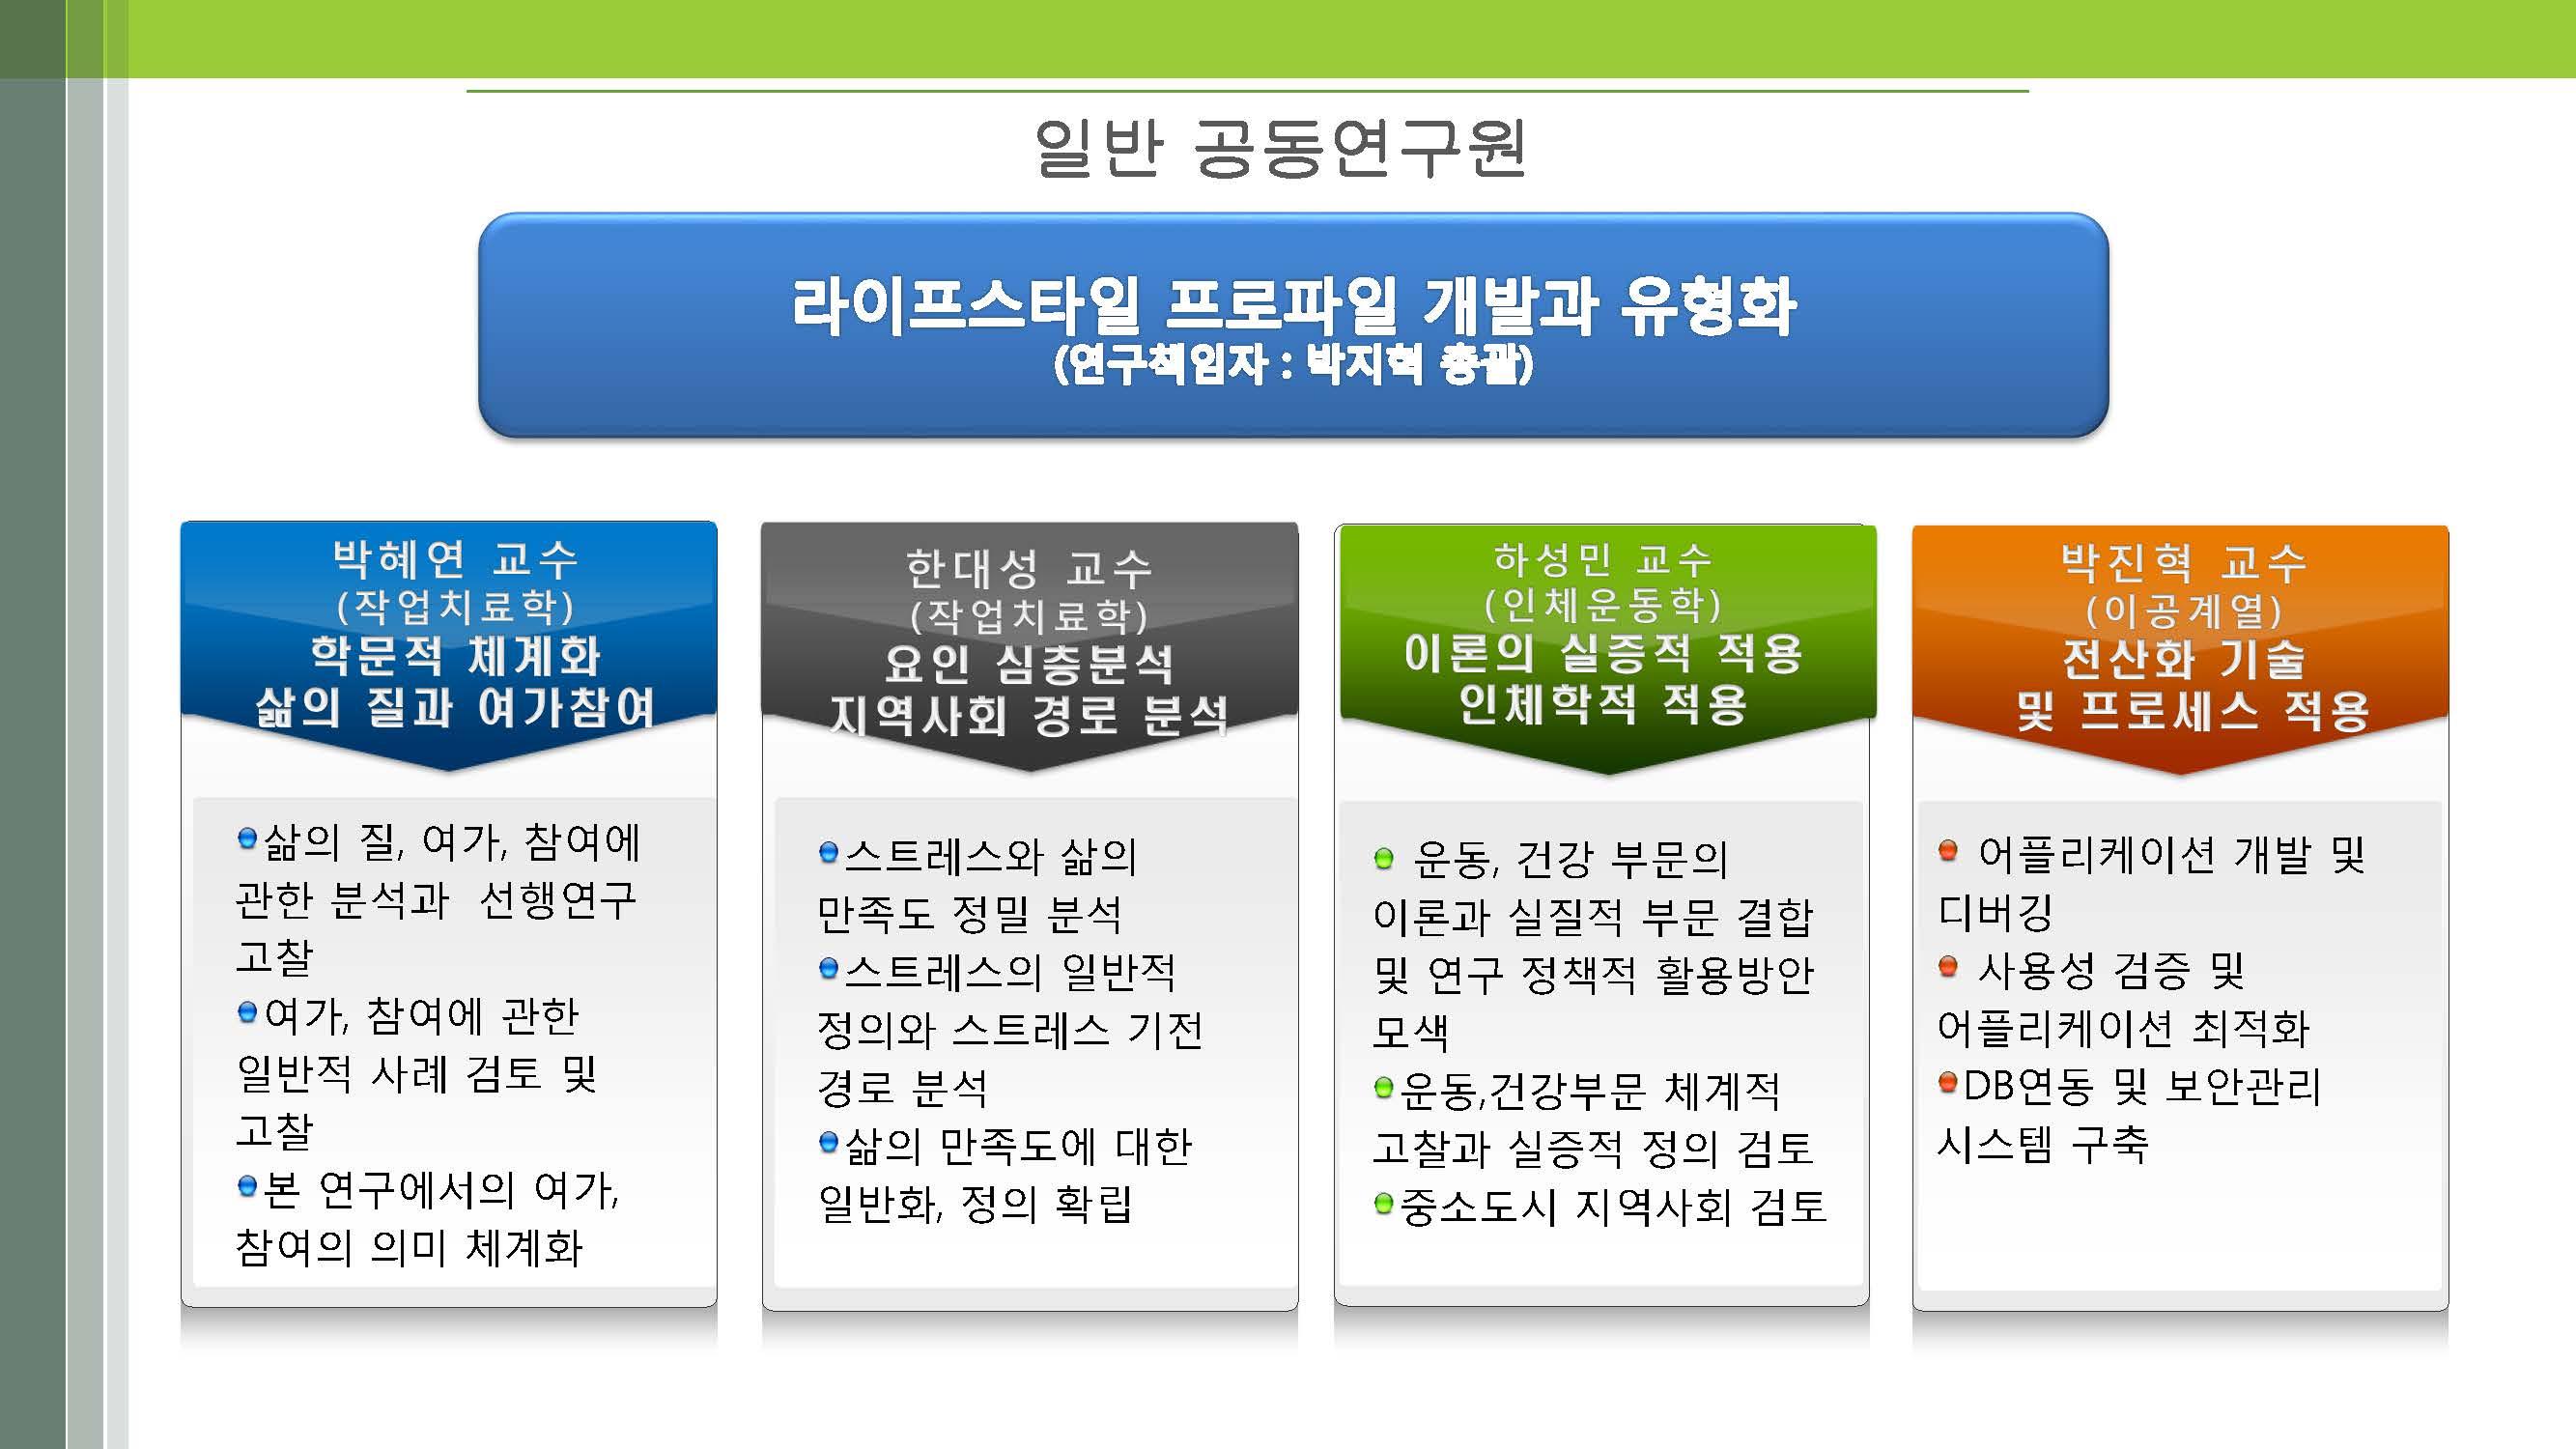 노인의 다면적 라이프스타일 개발(연세대-박지혁) (최종)_페이지_23